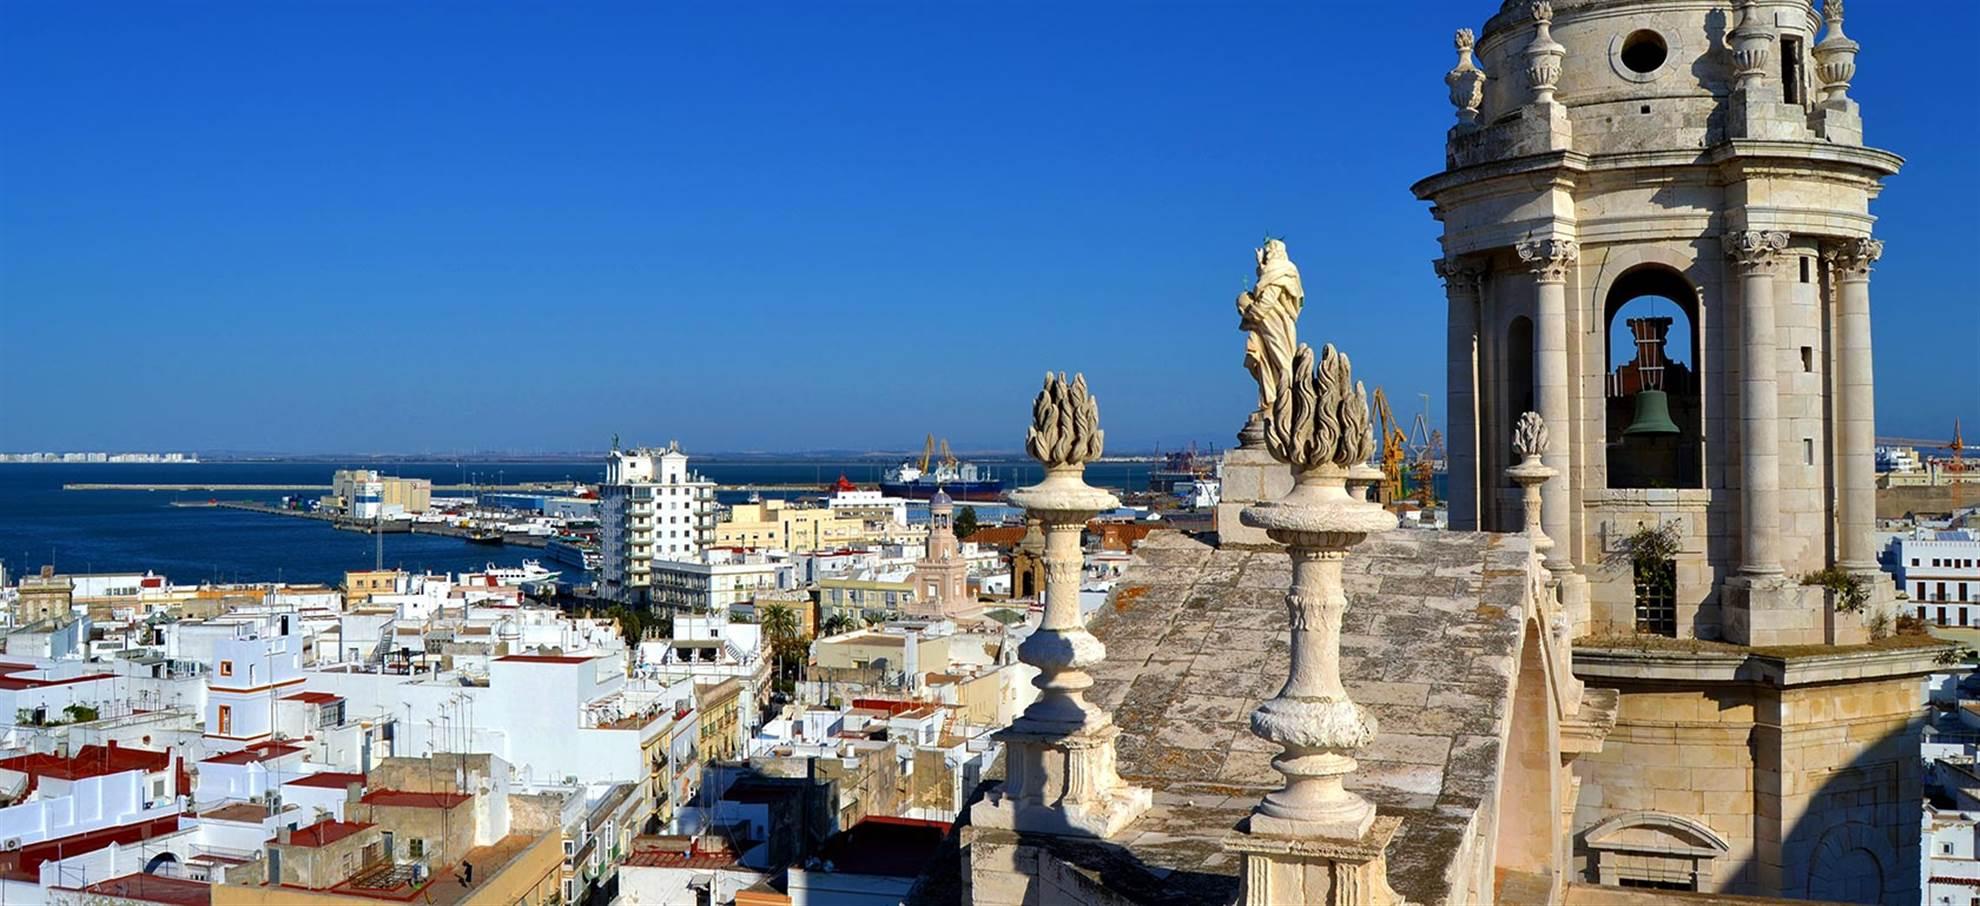 Jerez e Cádiz a partir de Sevilha – Dia Inteiro(SVQJEREZ)